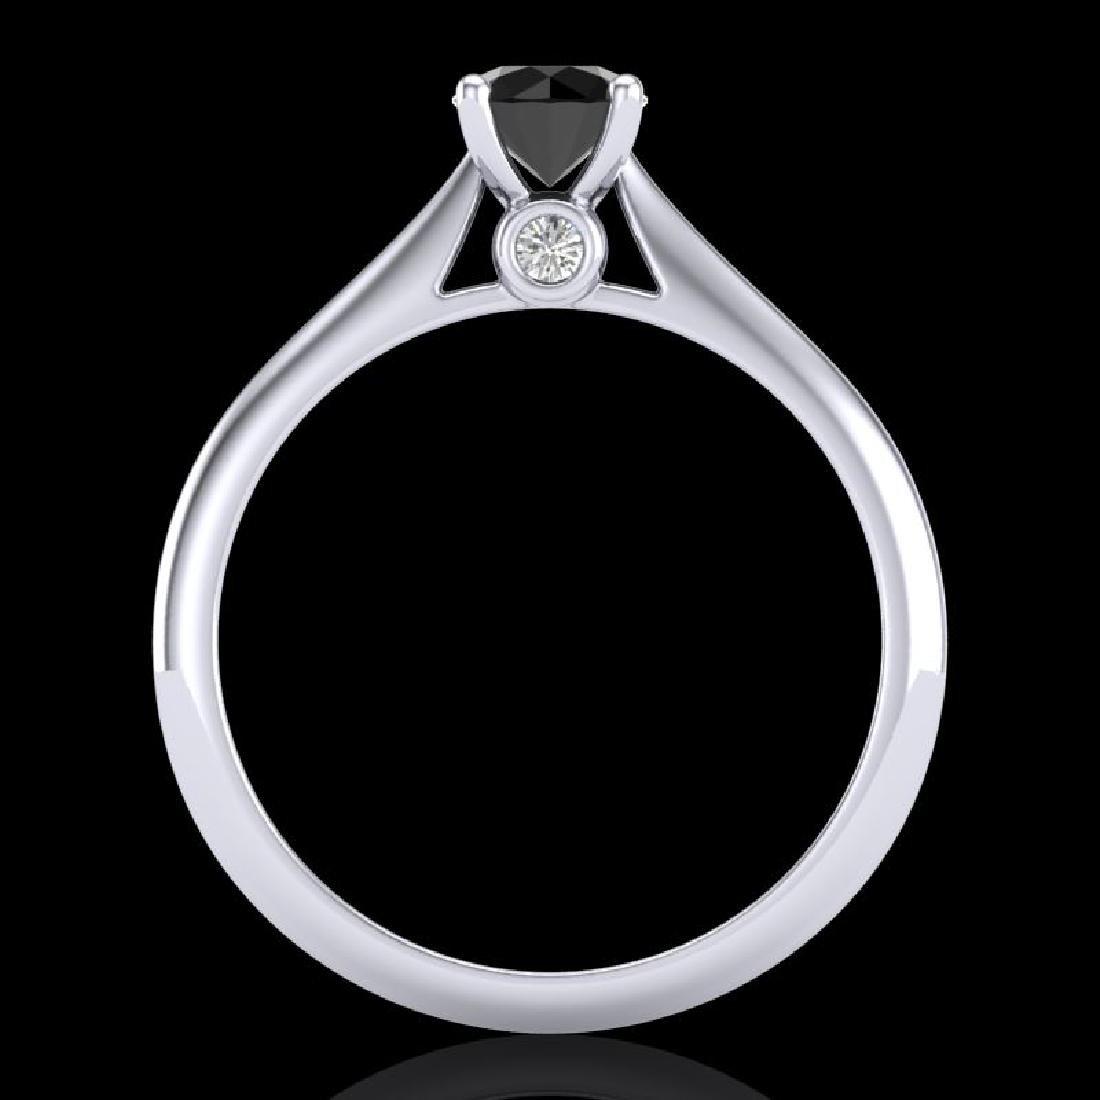 0.56 CTW Fancy Black Diamond Solitaire Engagement Art - 3